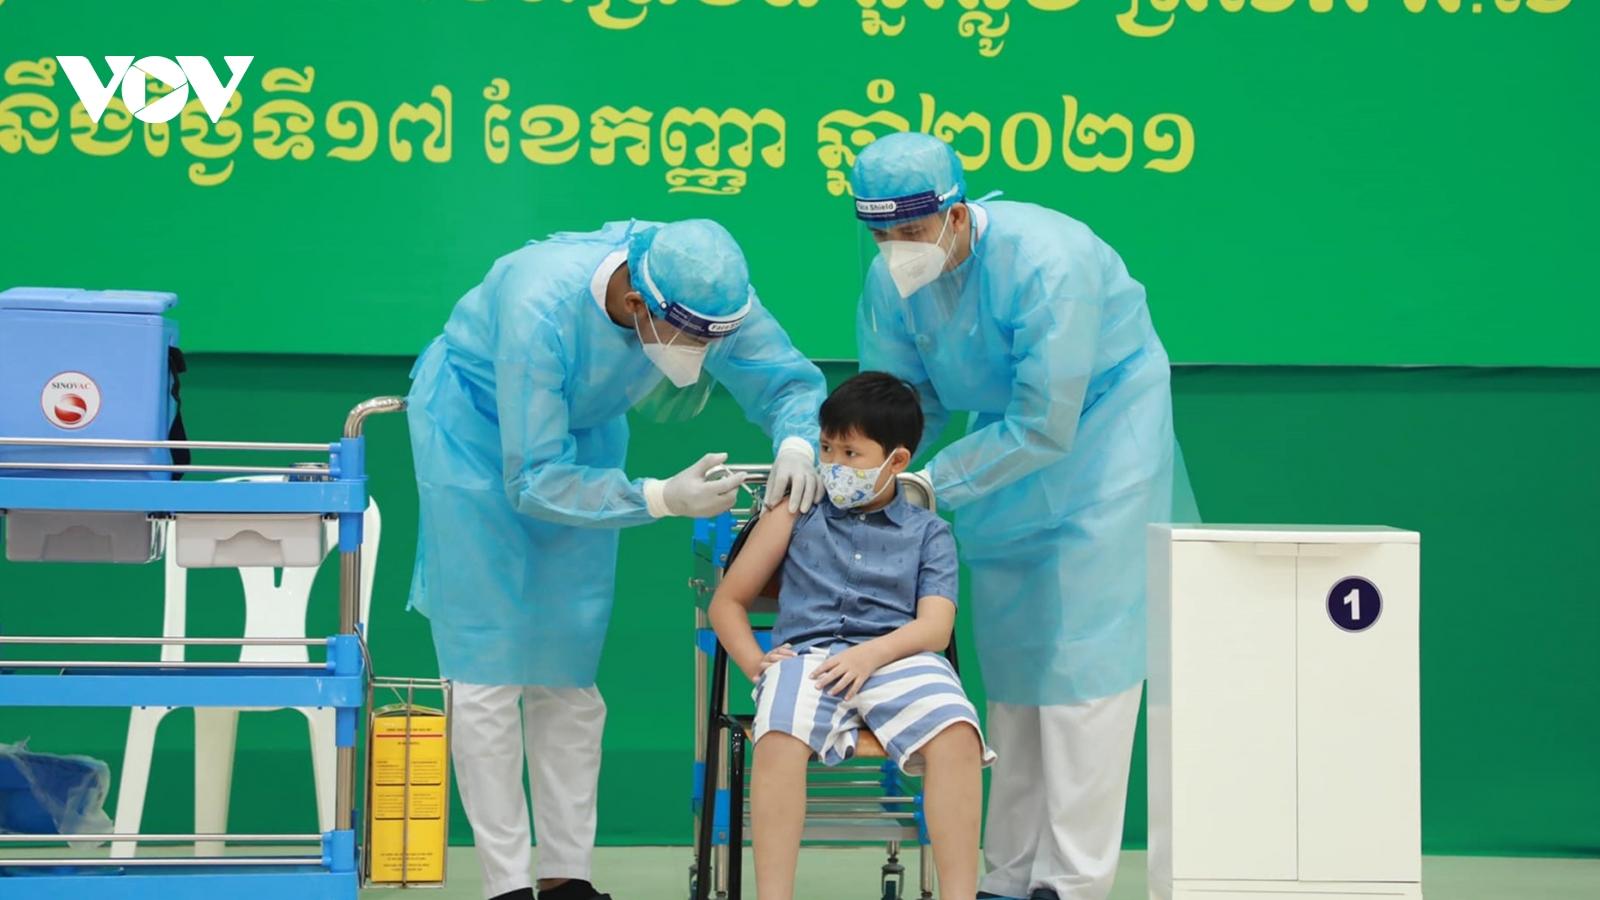 Campuchia chính thức triển khai chiến dịch tiêm vaccine Covid-19 cho trẻ từ 6-12 tuổi